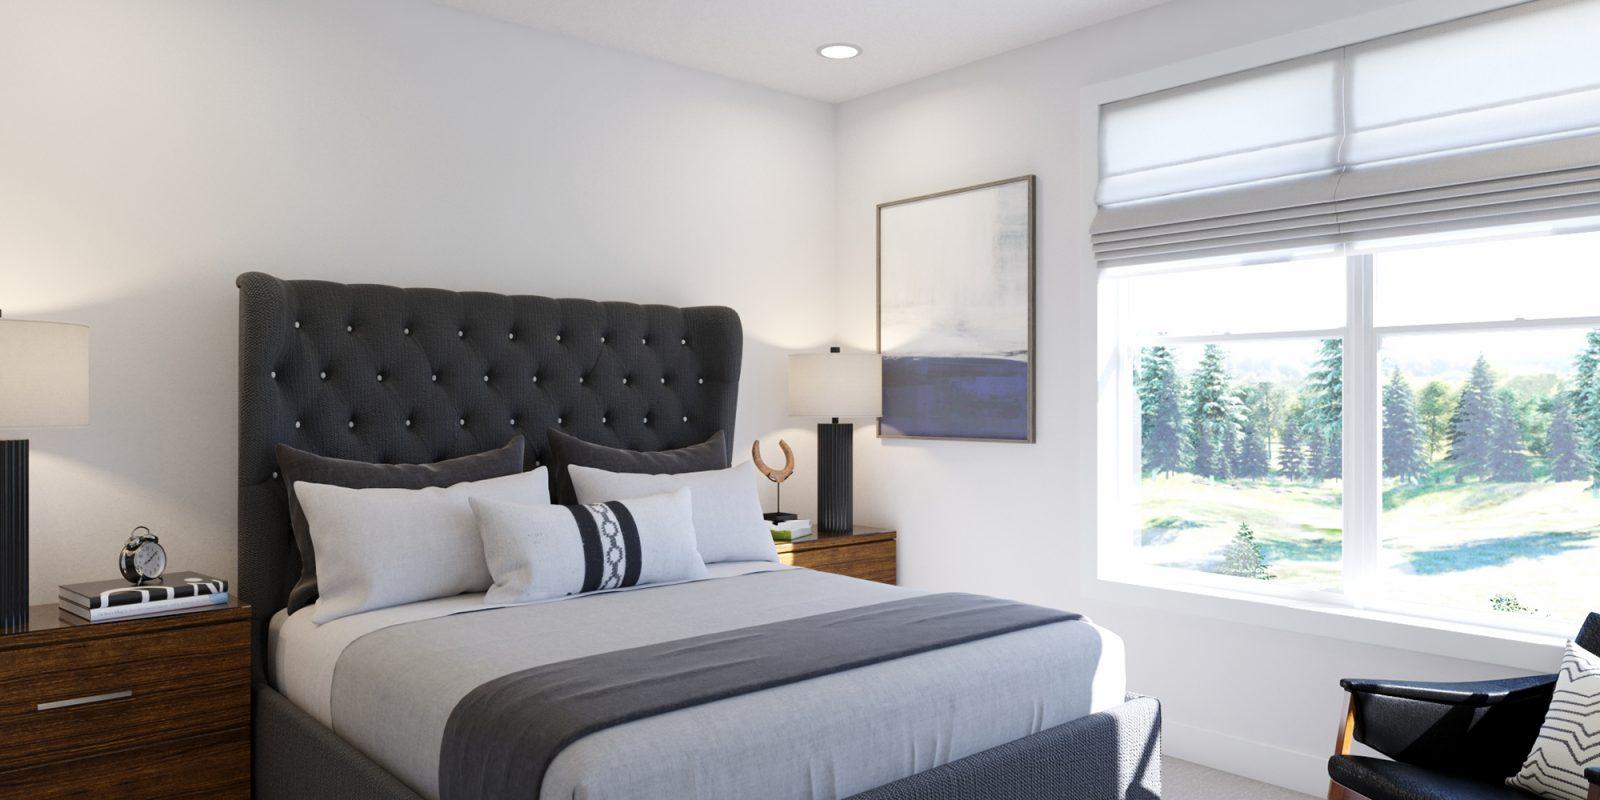 WestRidge DoMore Rows: Oasis - Master Bedroom